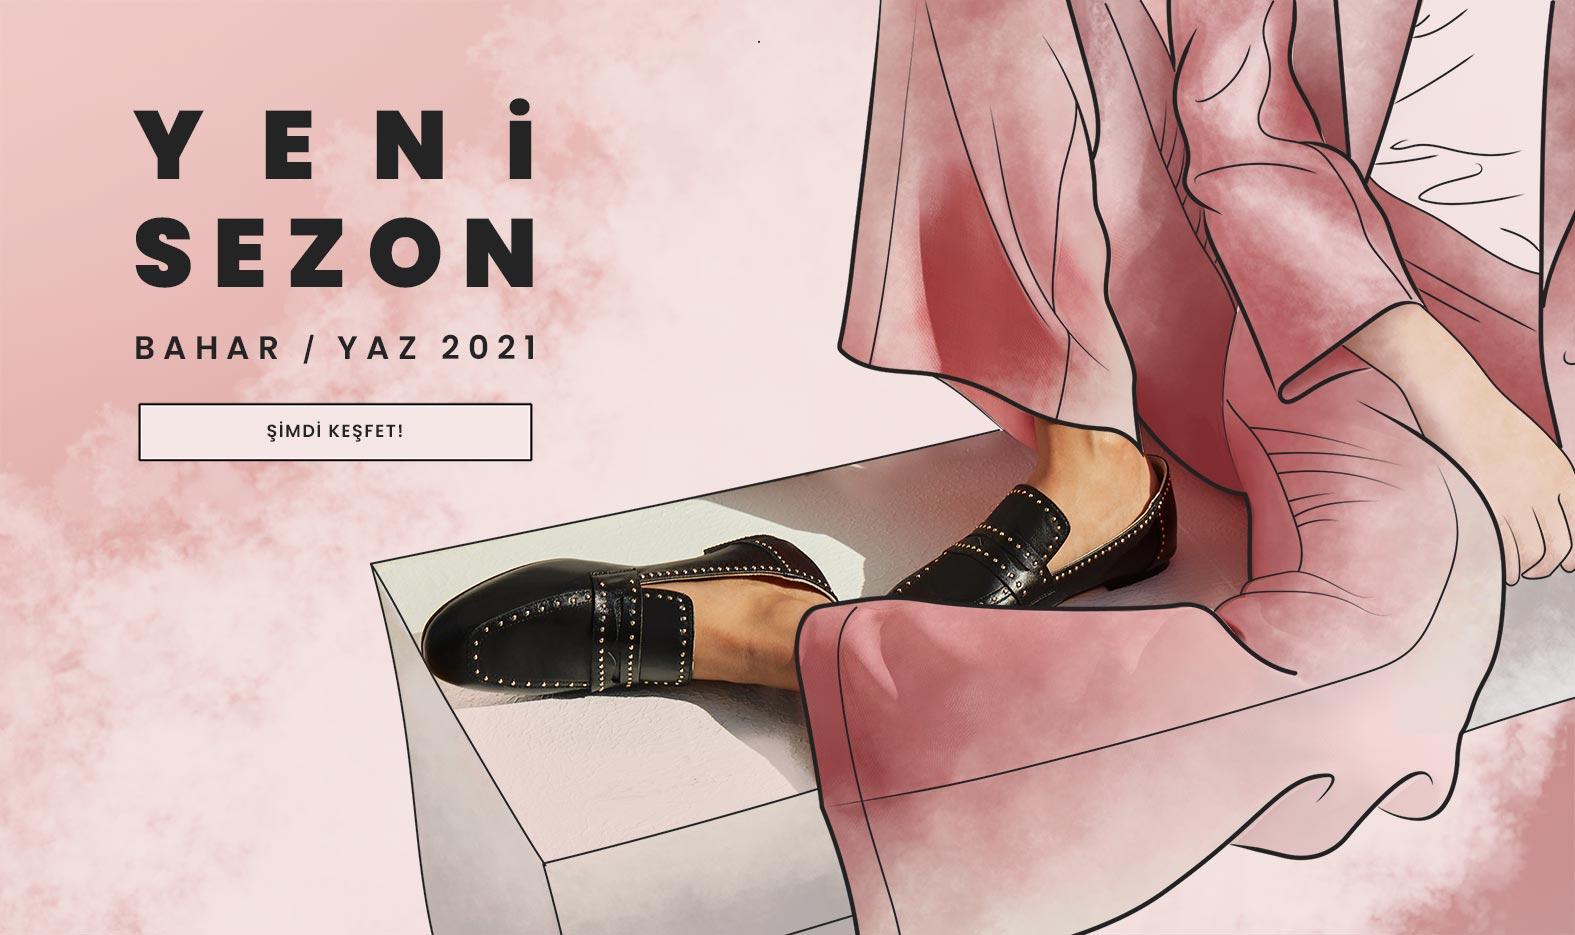 Yeni Sezon Bahar / Yaz 2021